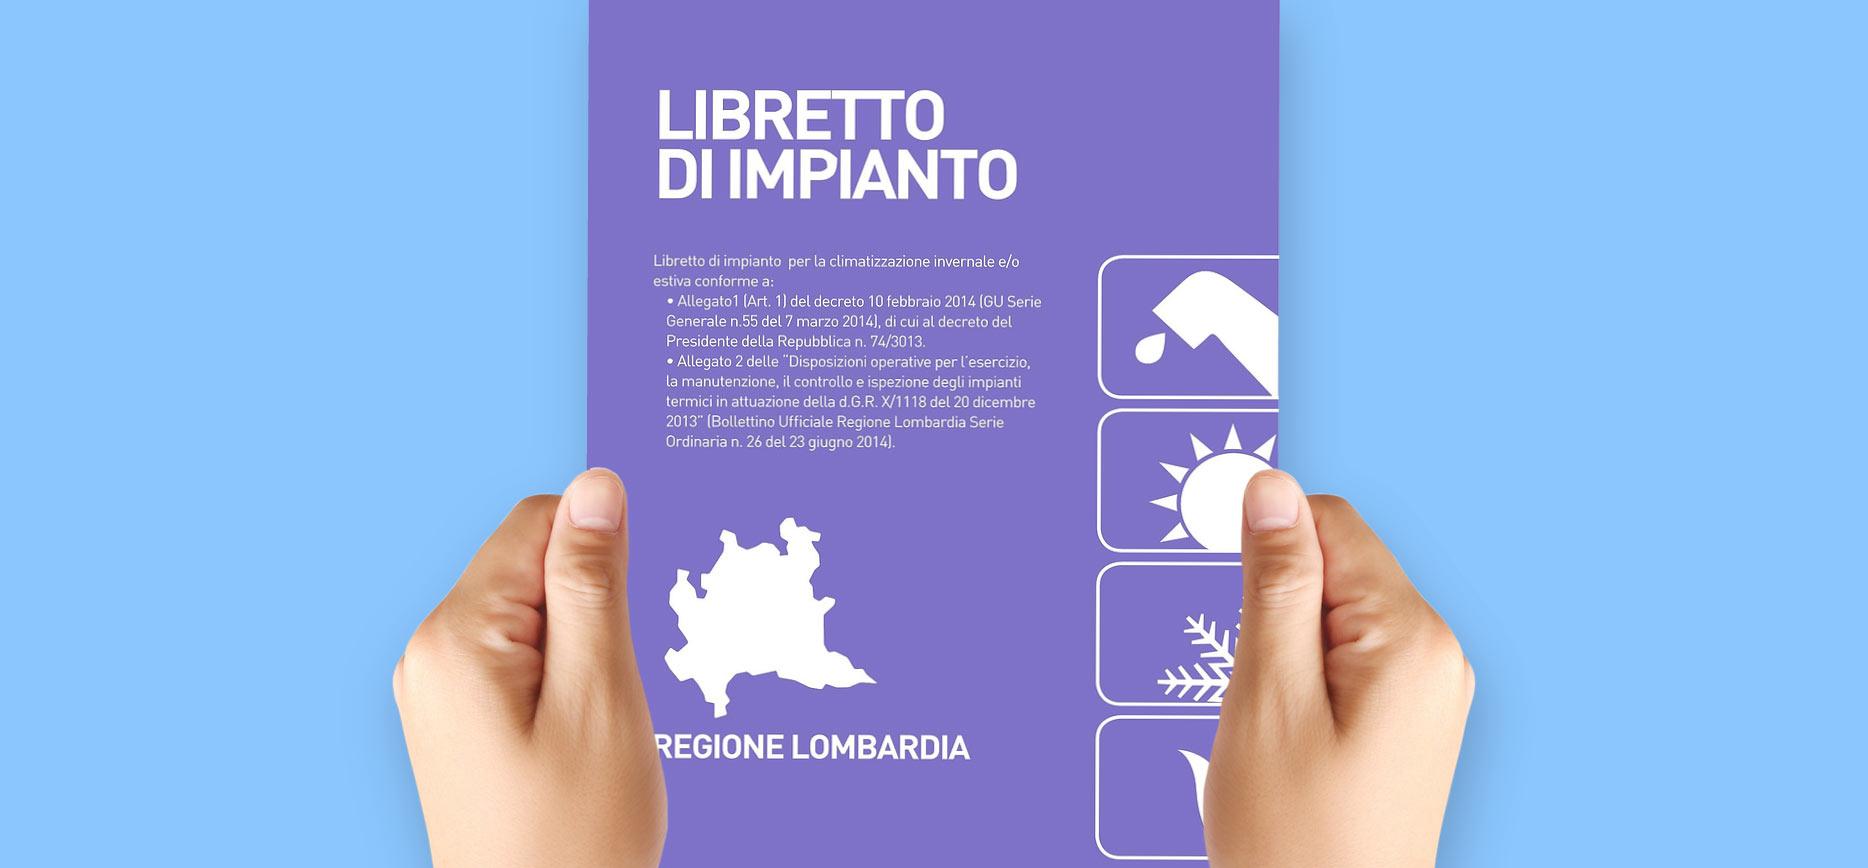 Libretto di impianto - regione lombardia